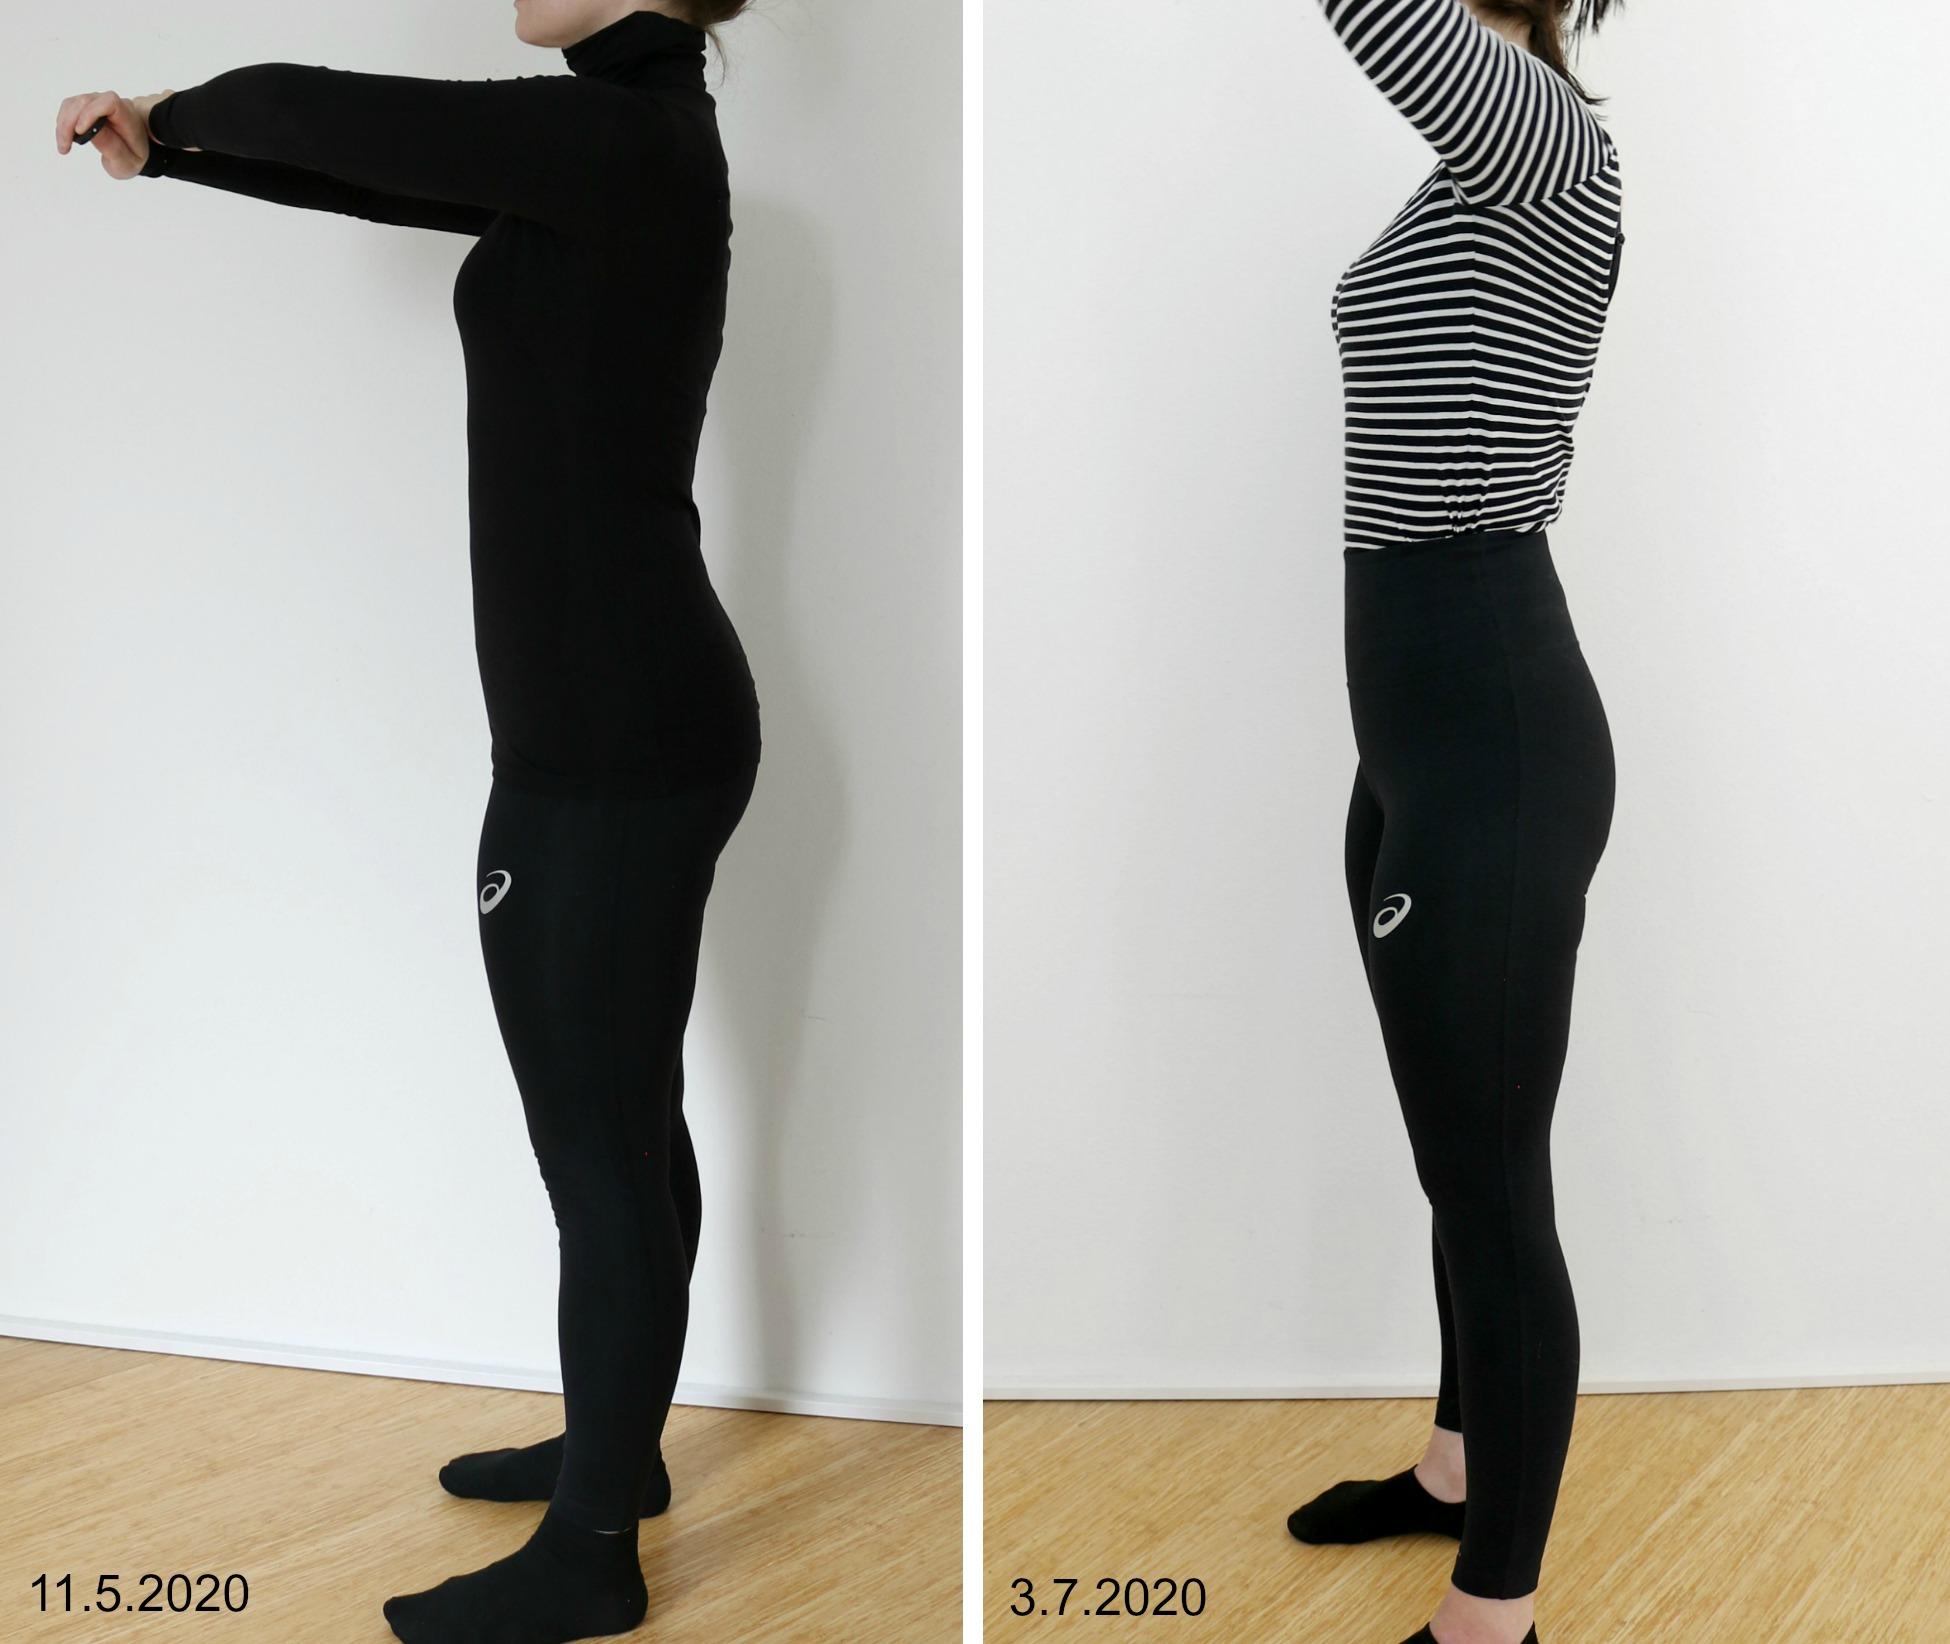 7 kilon painonpudotus laihdutuskuuri hyvinvointihaaste Omakotivalkoinen